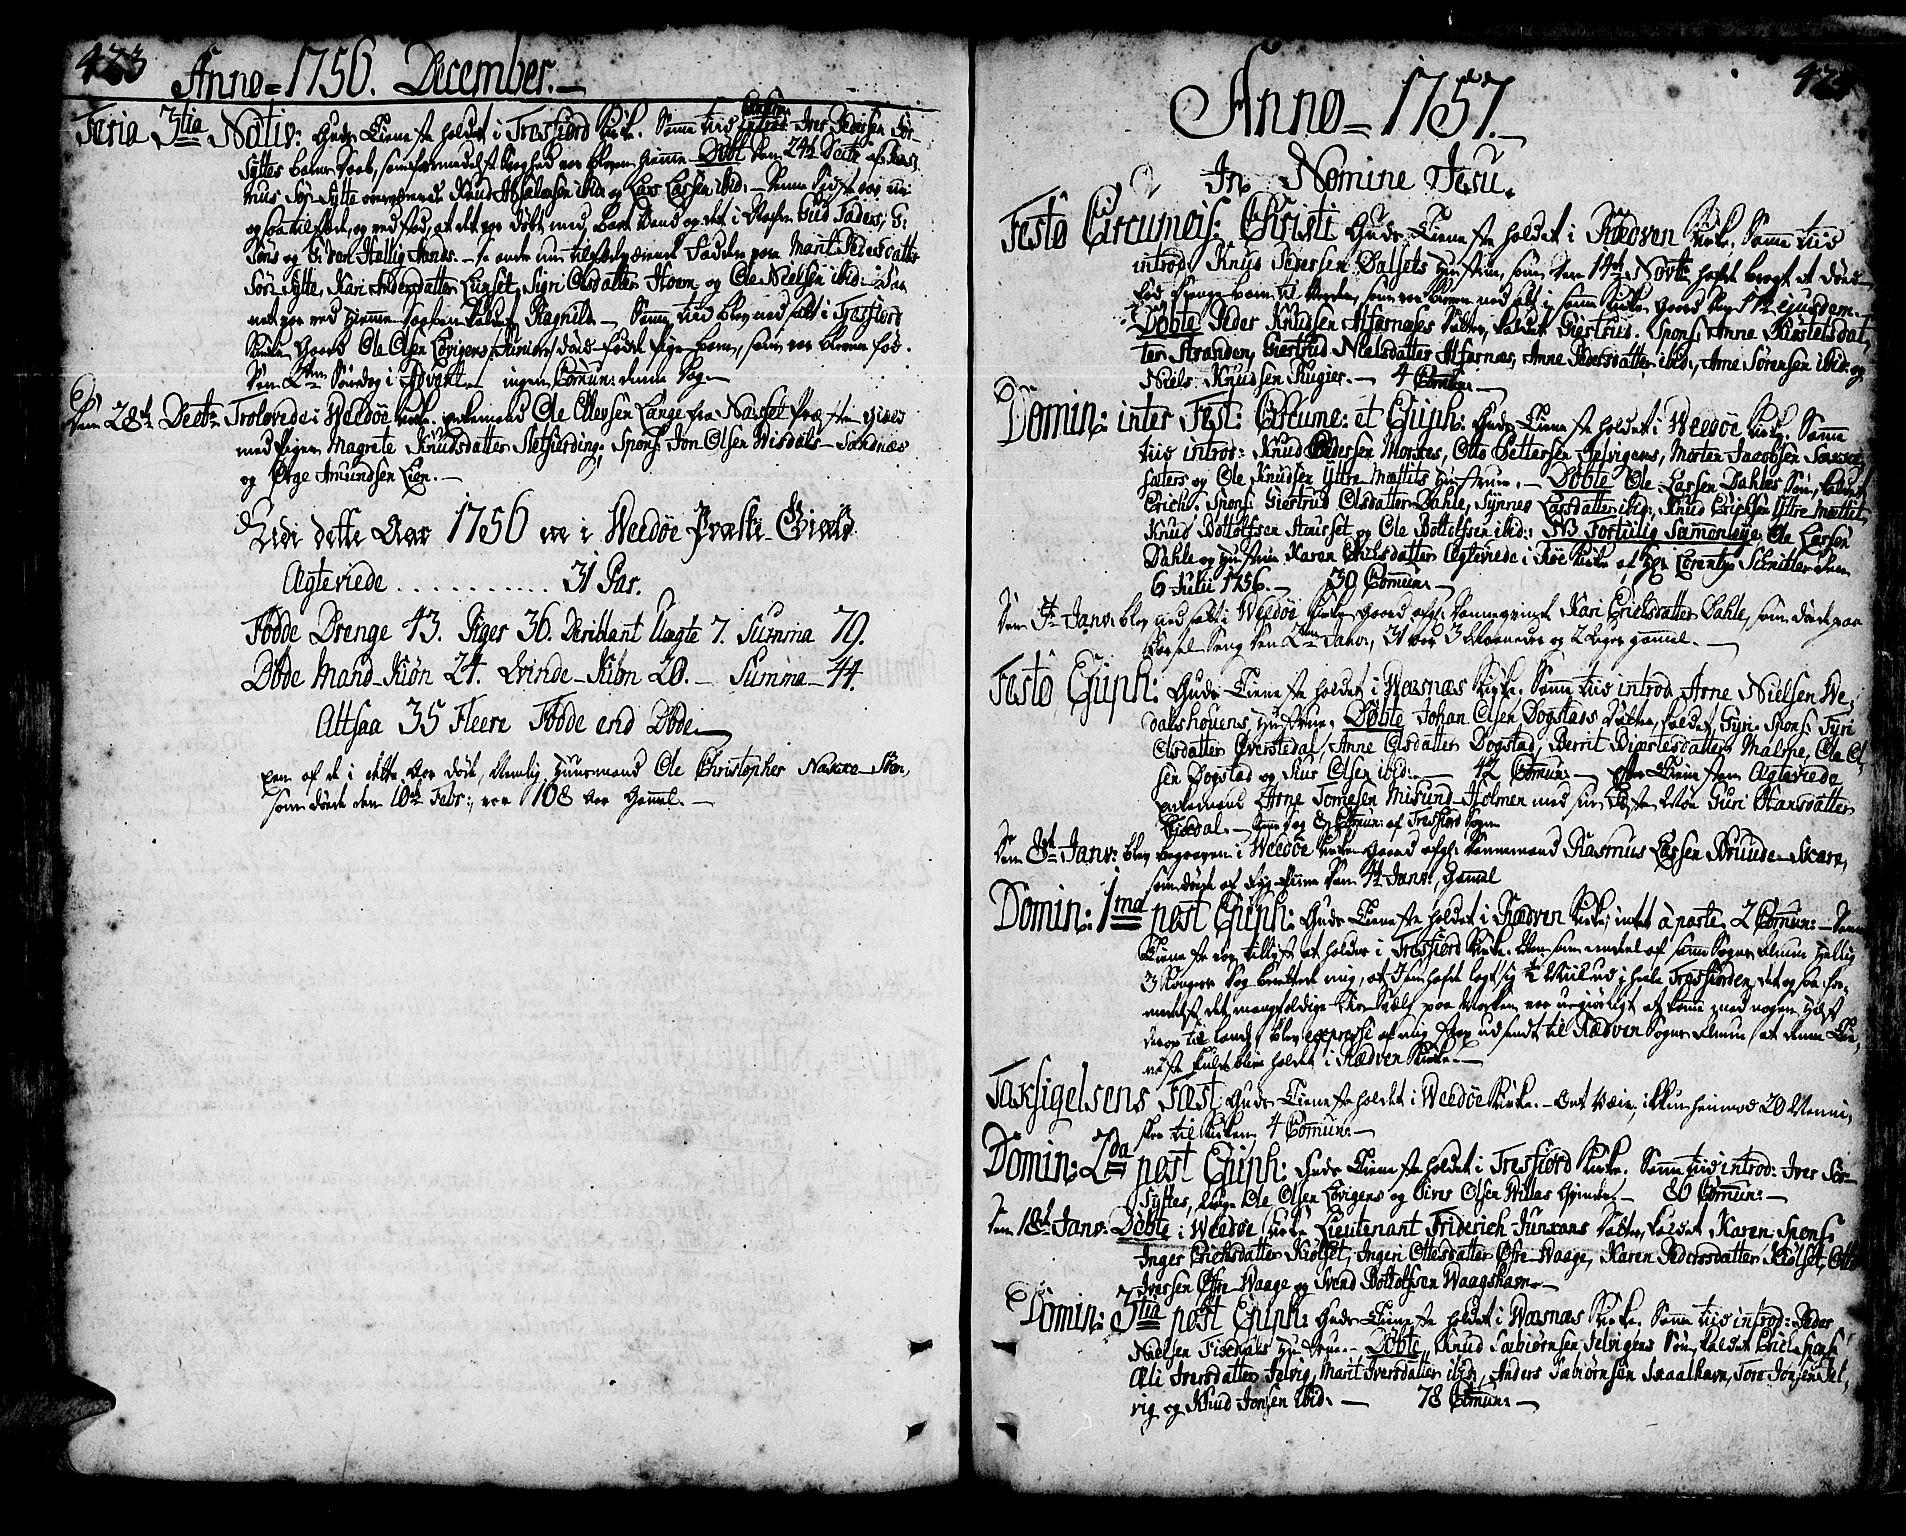 SAT, Ministerialprotokoller, klokkerbøker og fødselsregistre - Møre og Romsdal, 547/L0599: Parish register (official) no. 547A01, 1721-1764, p. 423-424